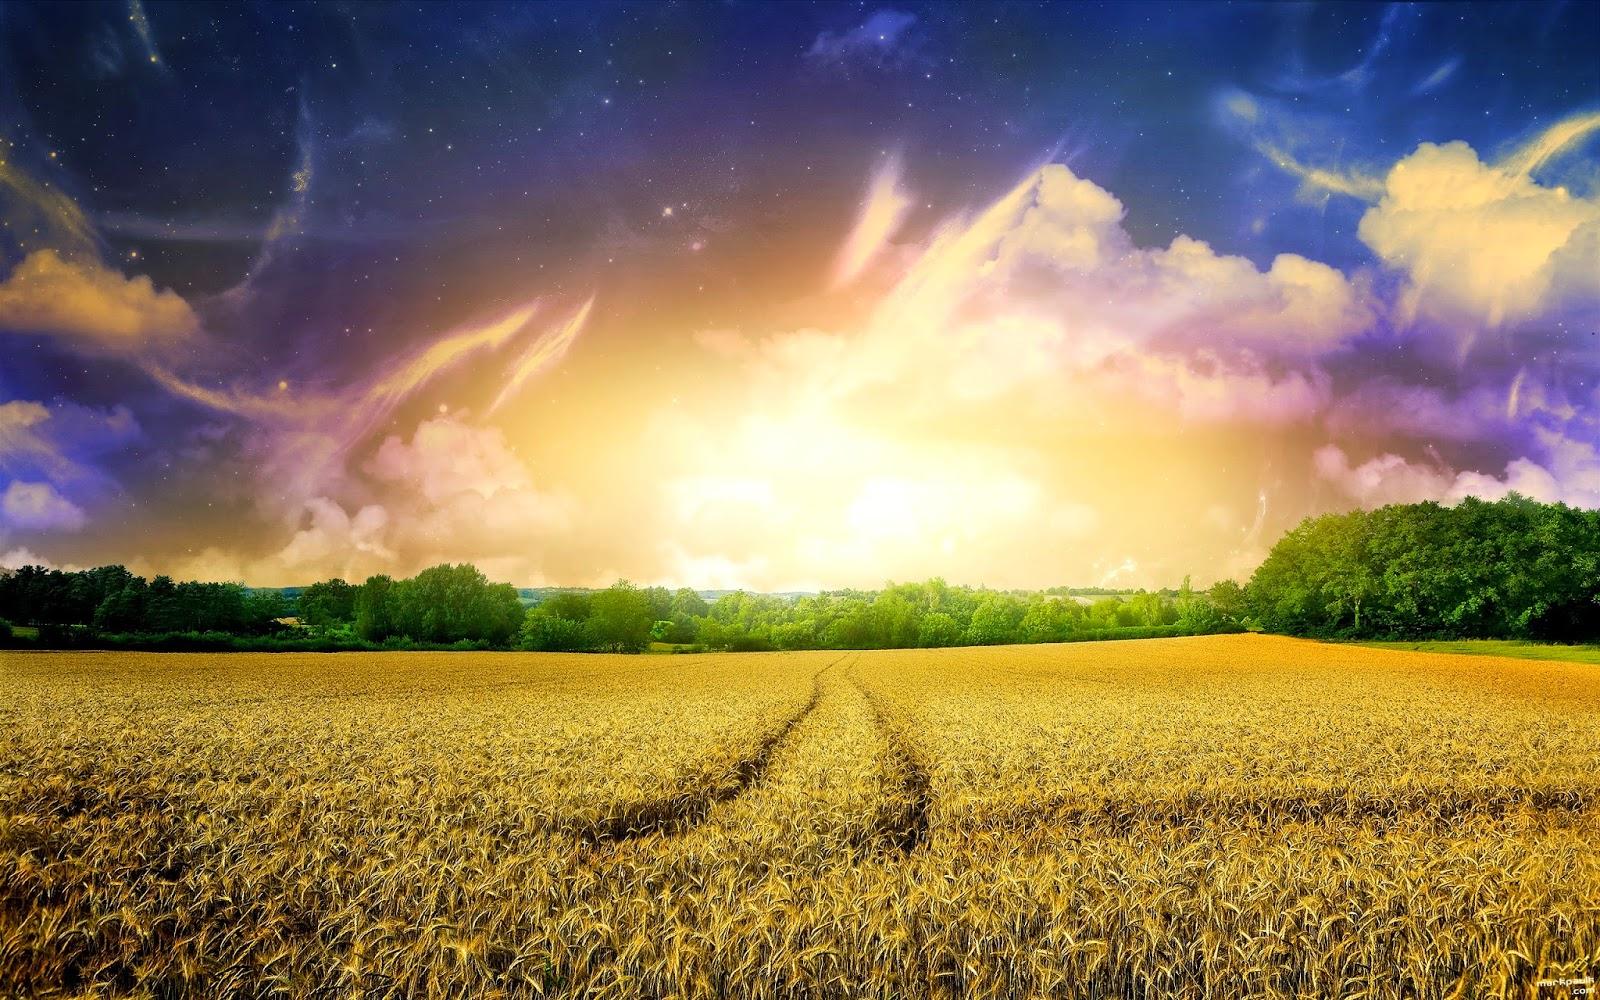 Sun Light in Field Wallpaper